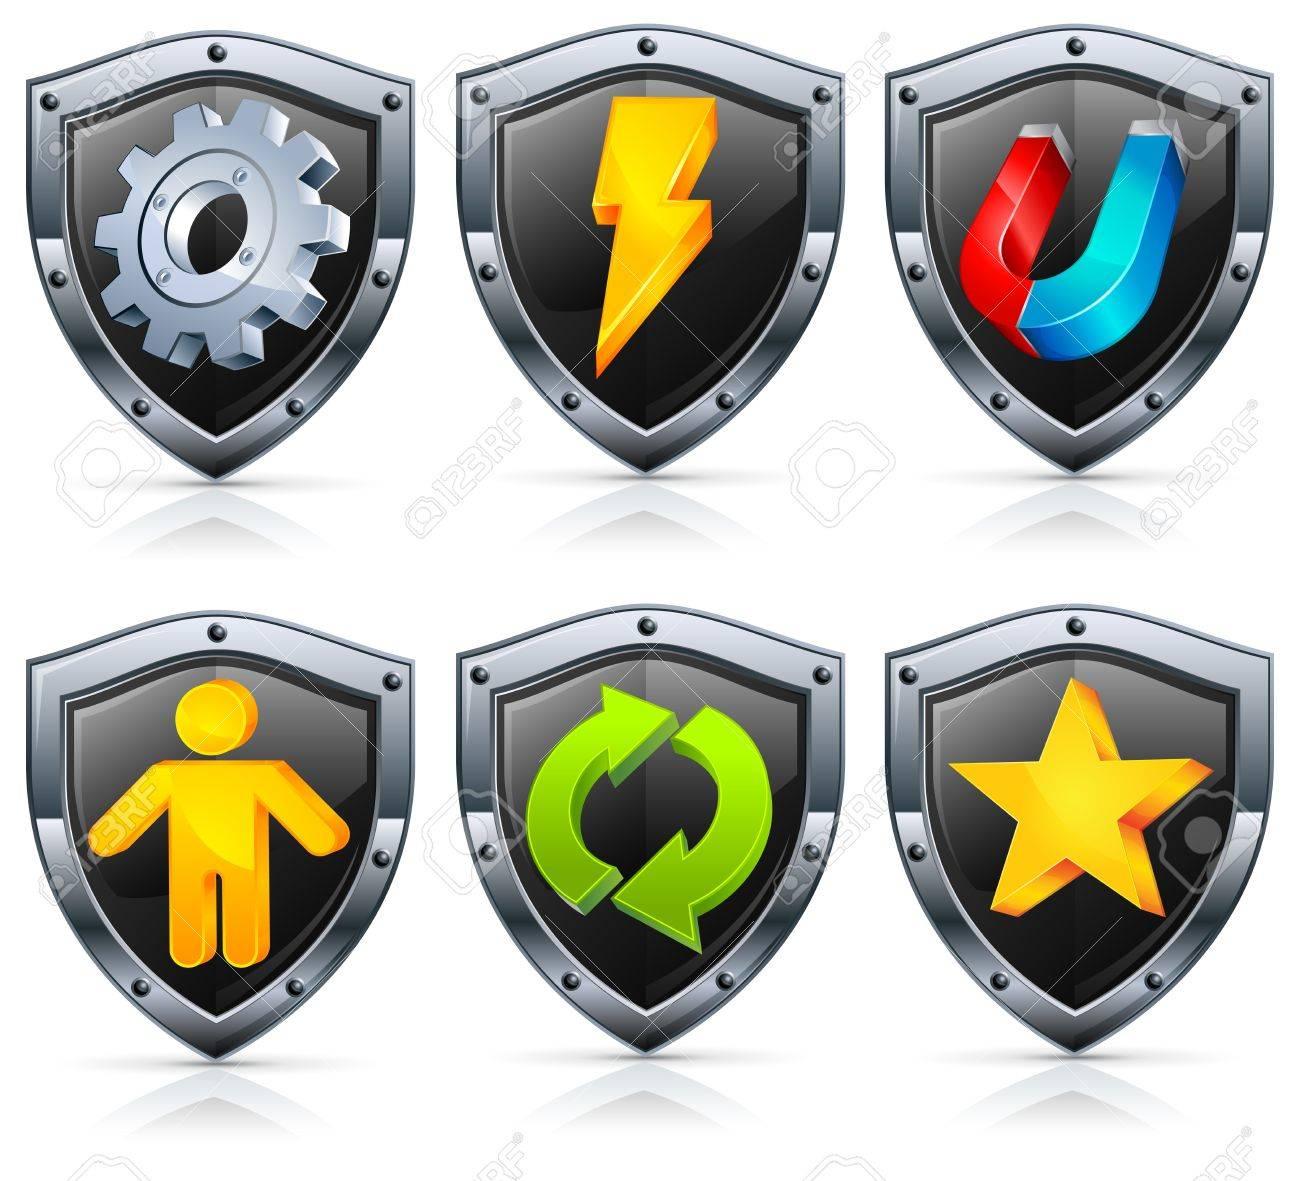 fee107b71dc Escudo de los iconos de seguridad, en color negro con los instrumentos en  blanco,